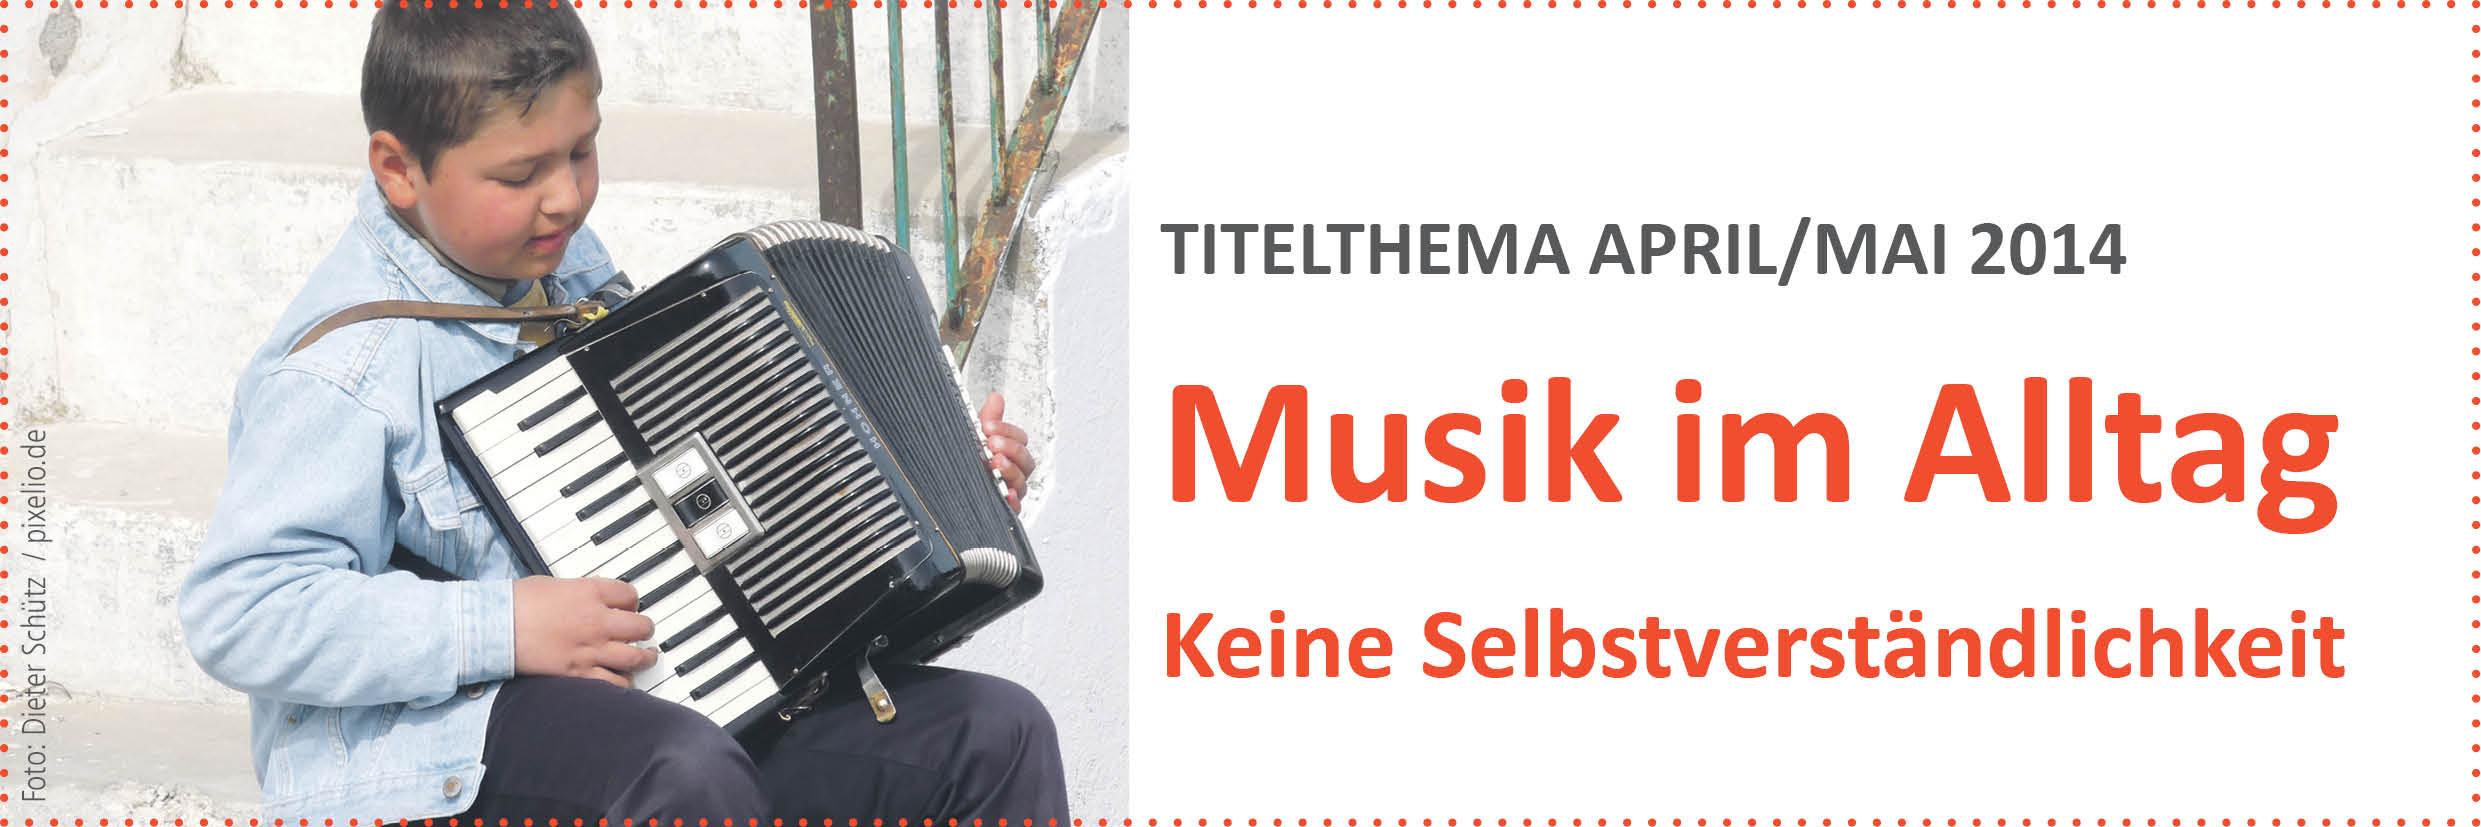 ButonMusik